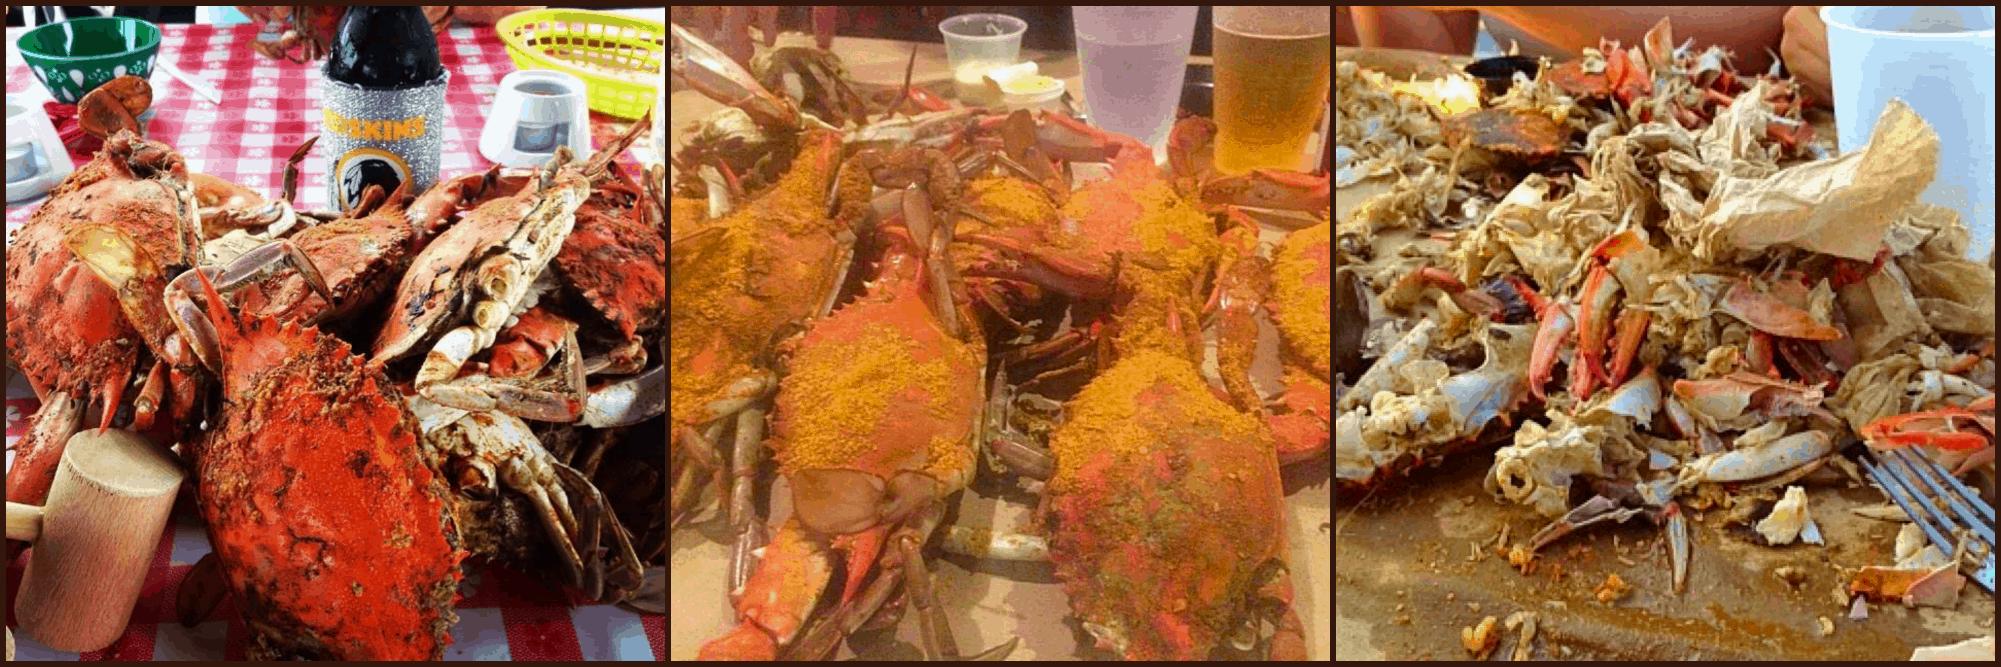 Crab picking